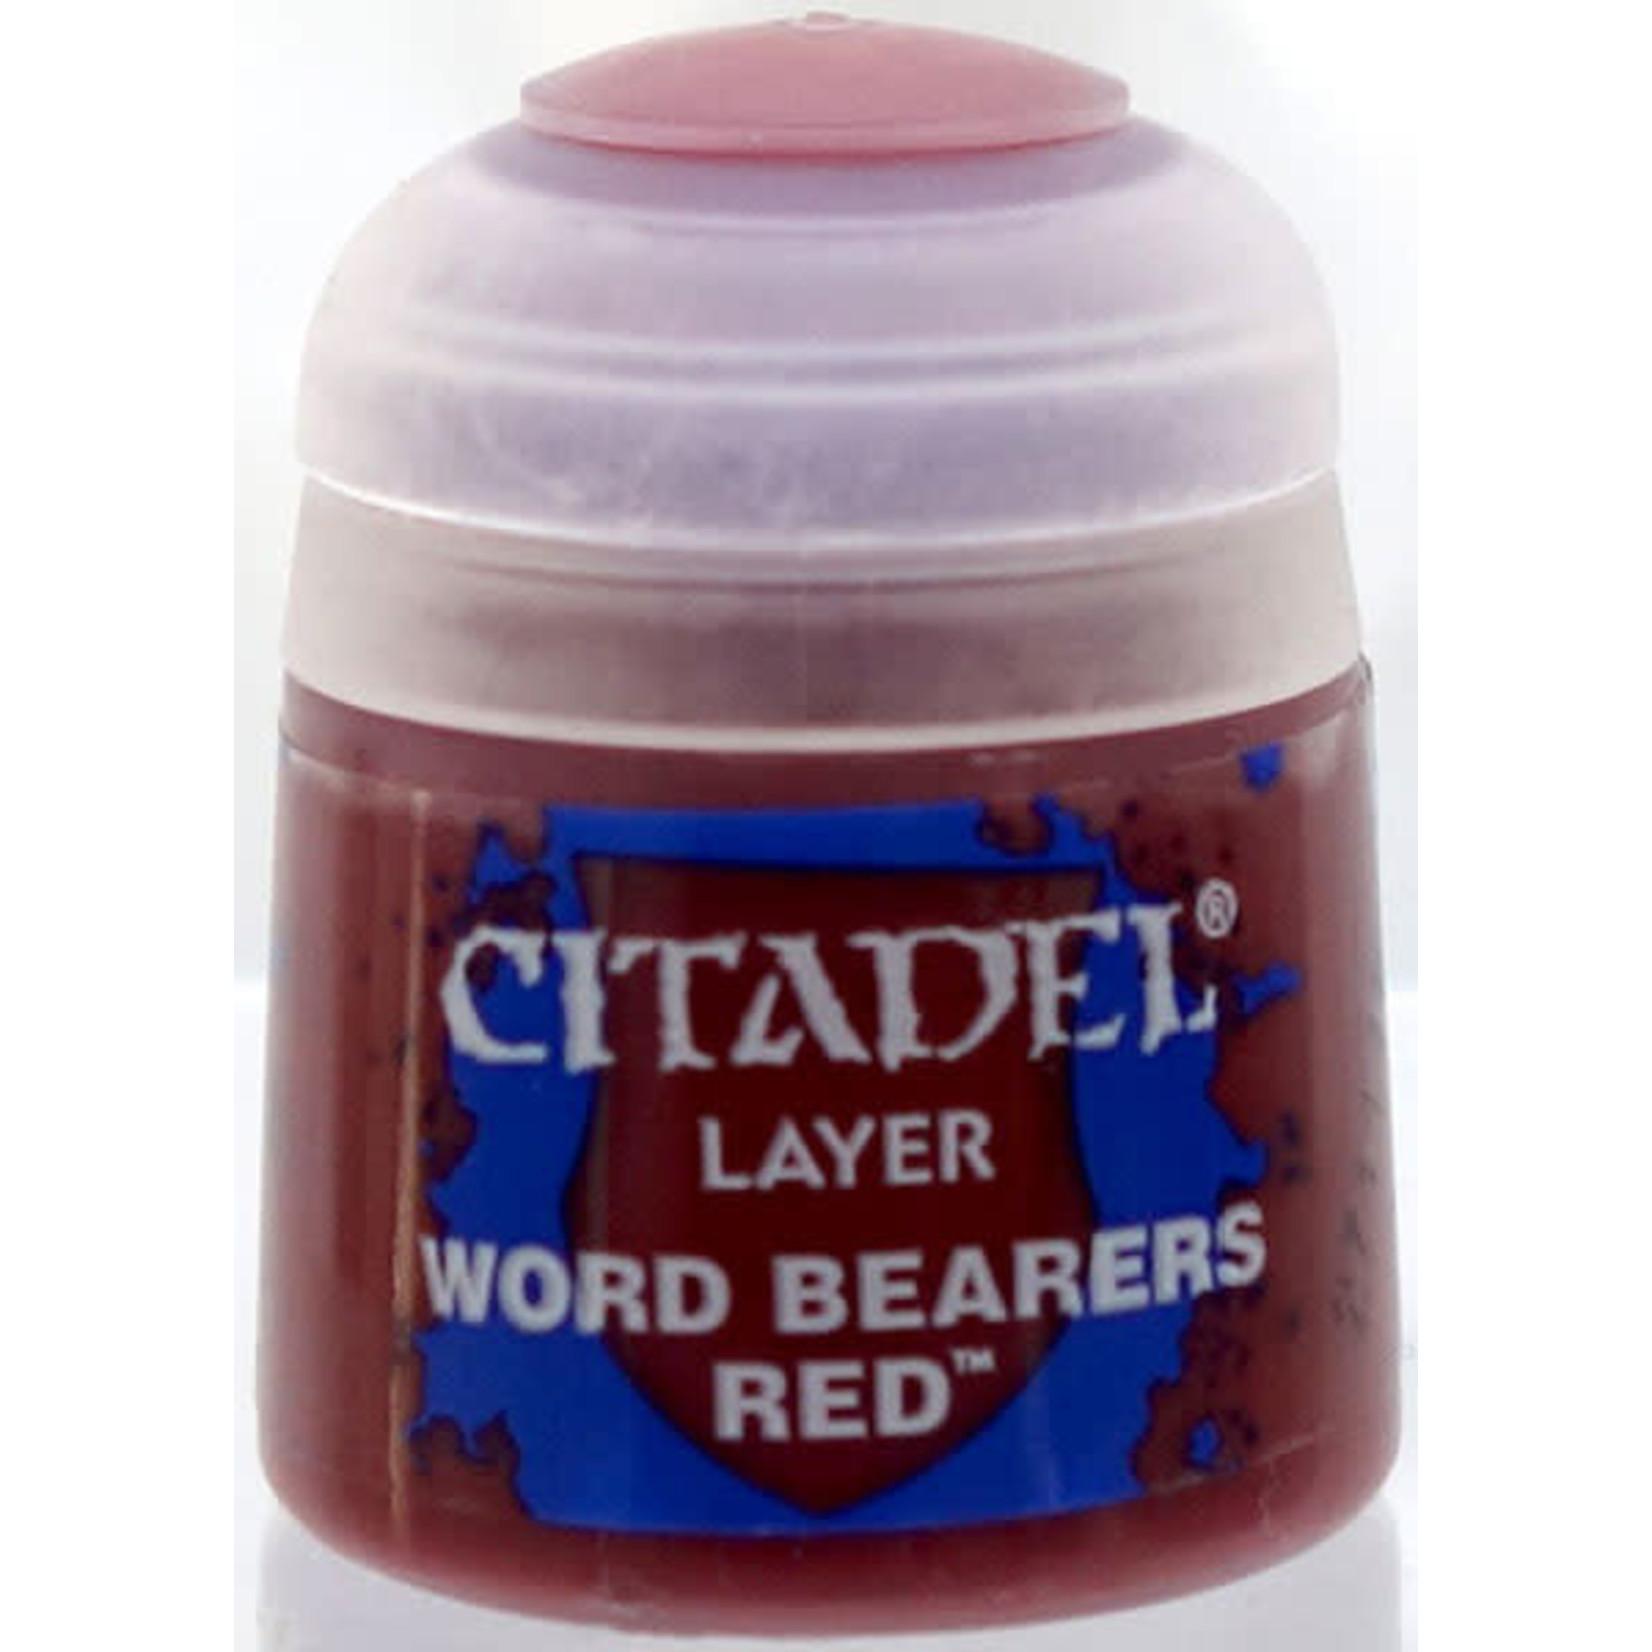 Games Workshop Citadel Paint: Word Bearers Red 12ml